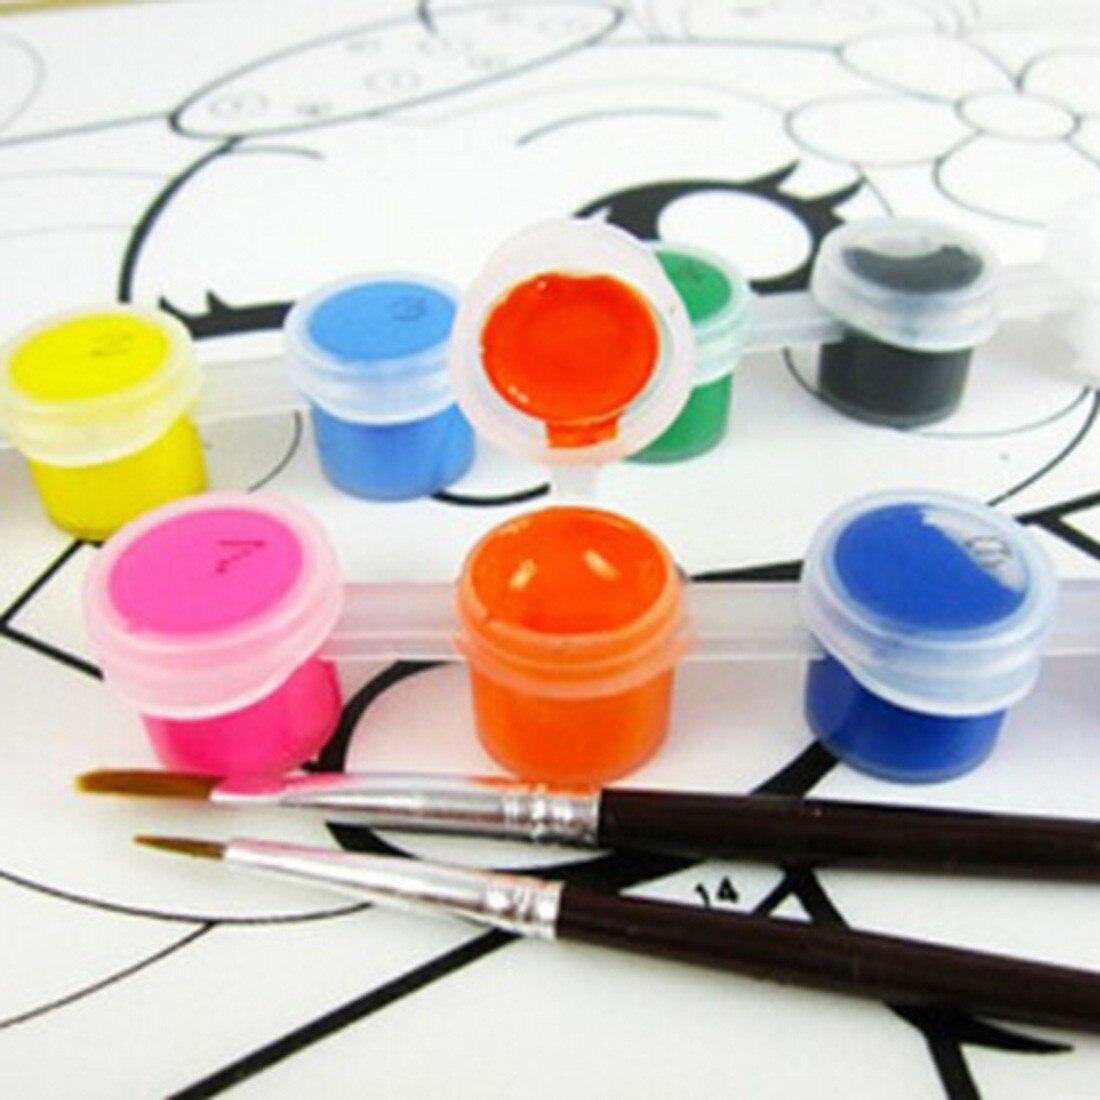 FangNymph новая распродажа, 12 цветов с 2 красками, синие кисти в наборе, акриловые краски для масляной живописи, одежда для дизайна ногтей, цифровой дизайн acrylic paint acrylic paint setpaint acryl   АлиЭкспресс